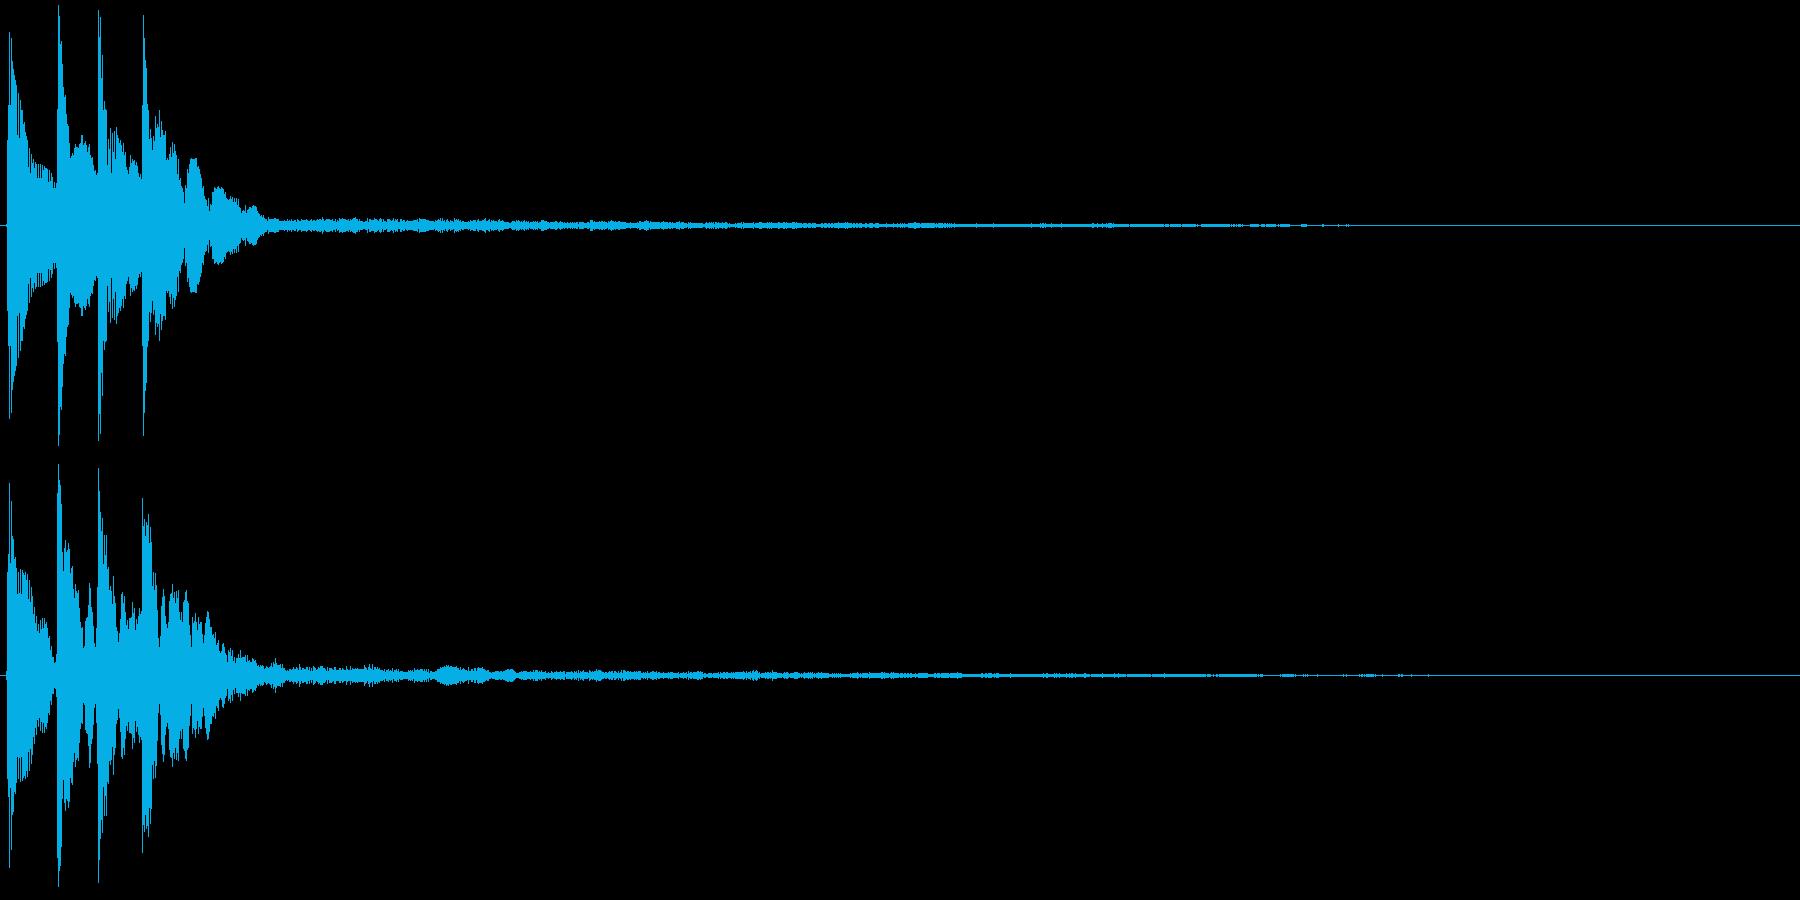 ピロリン(決定音・テロップ・注釈表示)の再生済みの波形